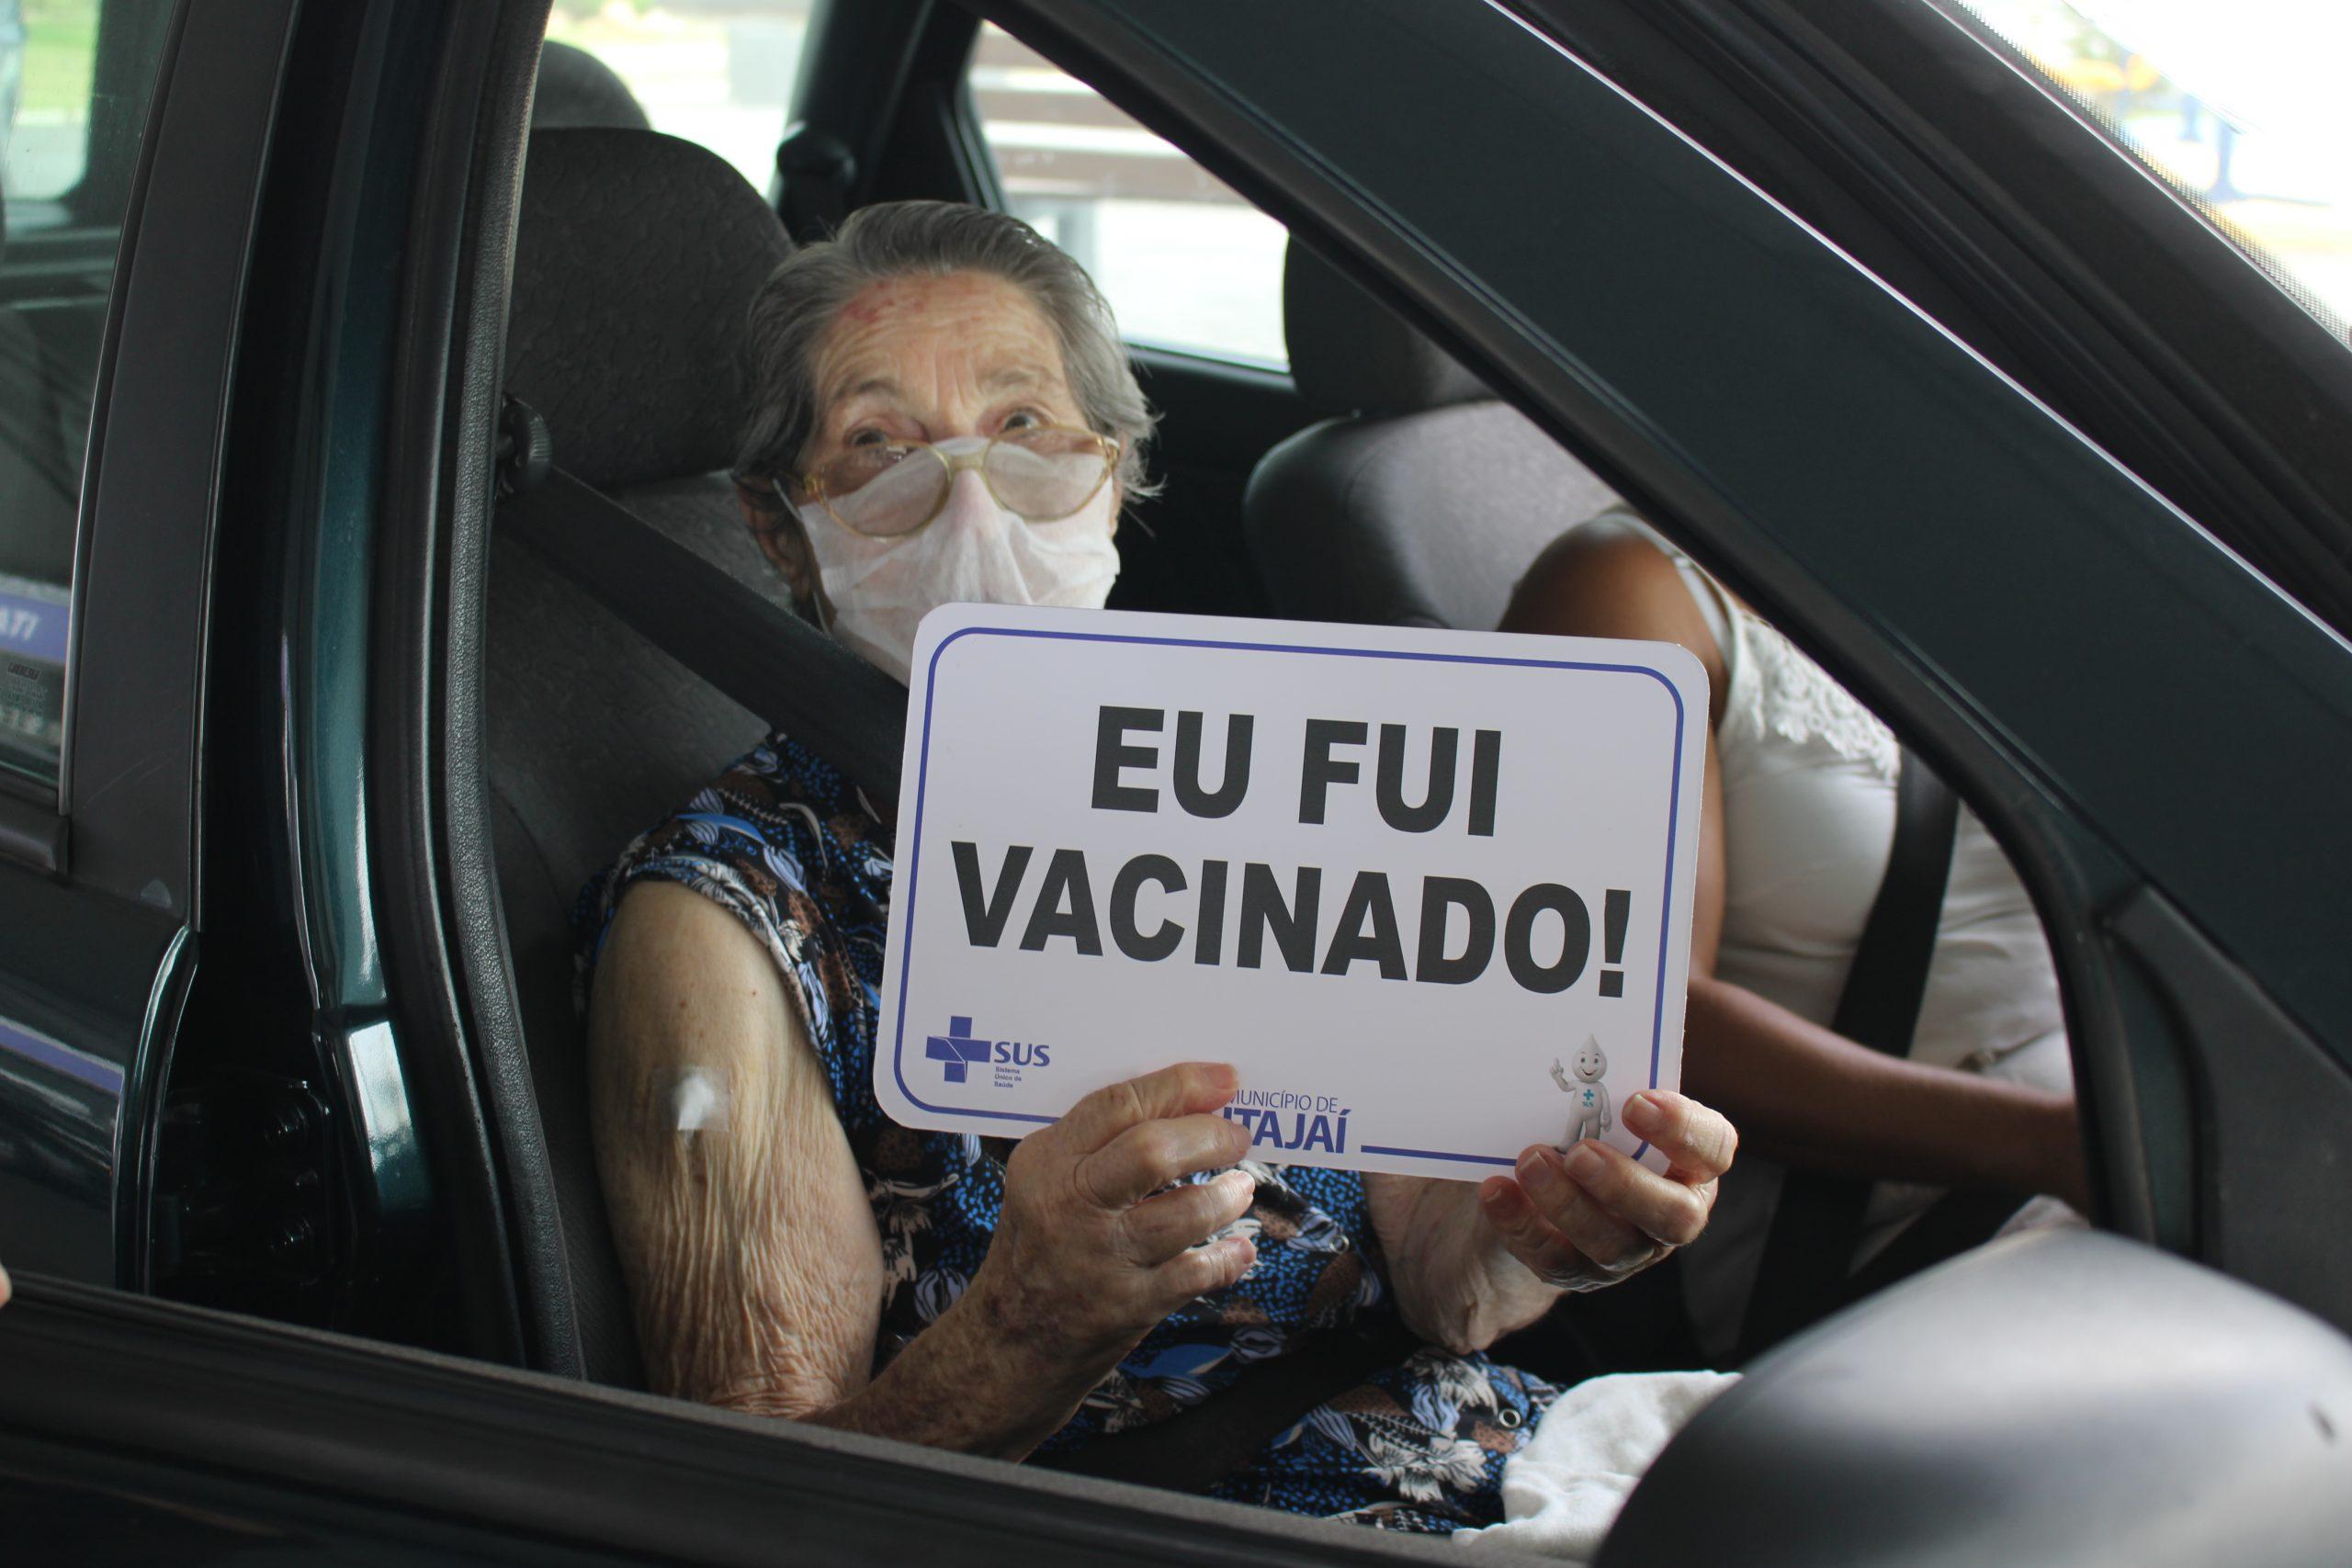 Começa a vacinação contra COVID-19 para idosos com 90 anos ou mais